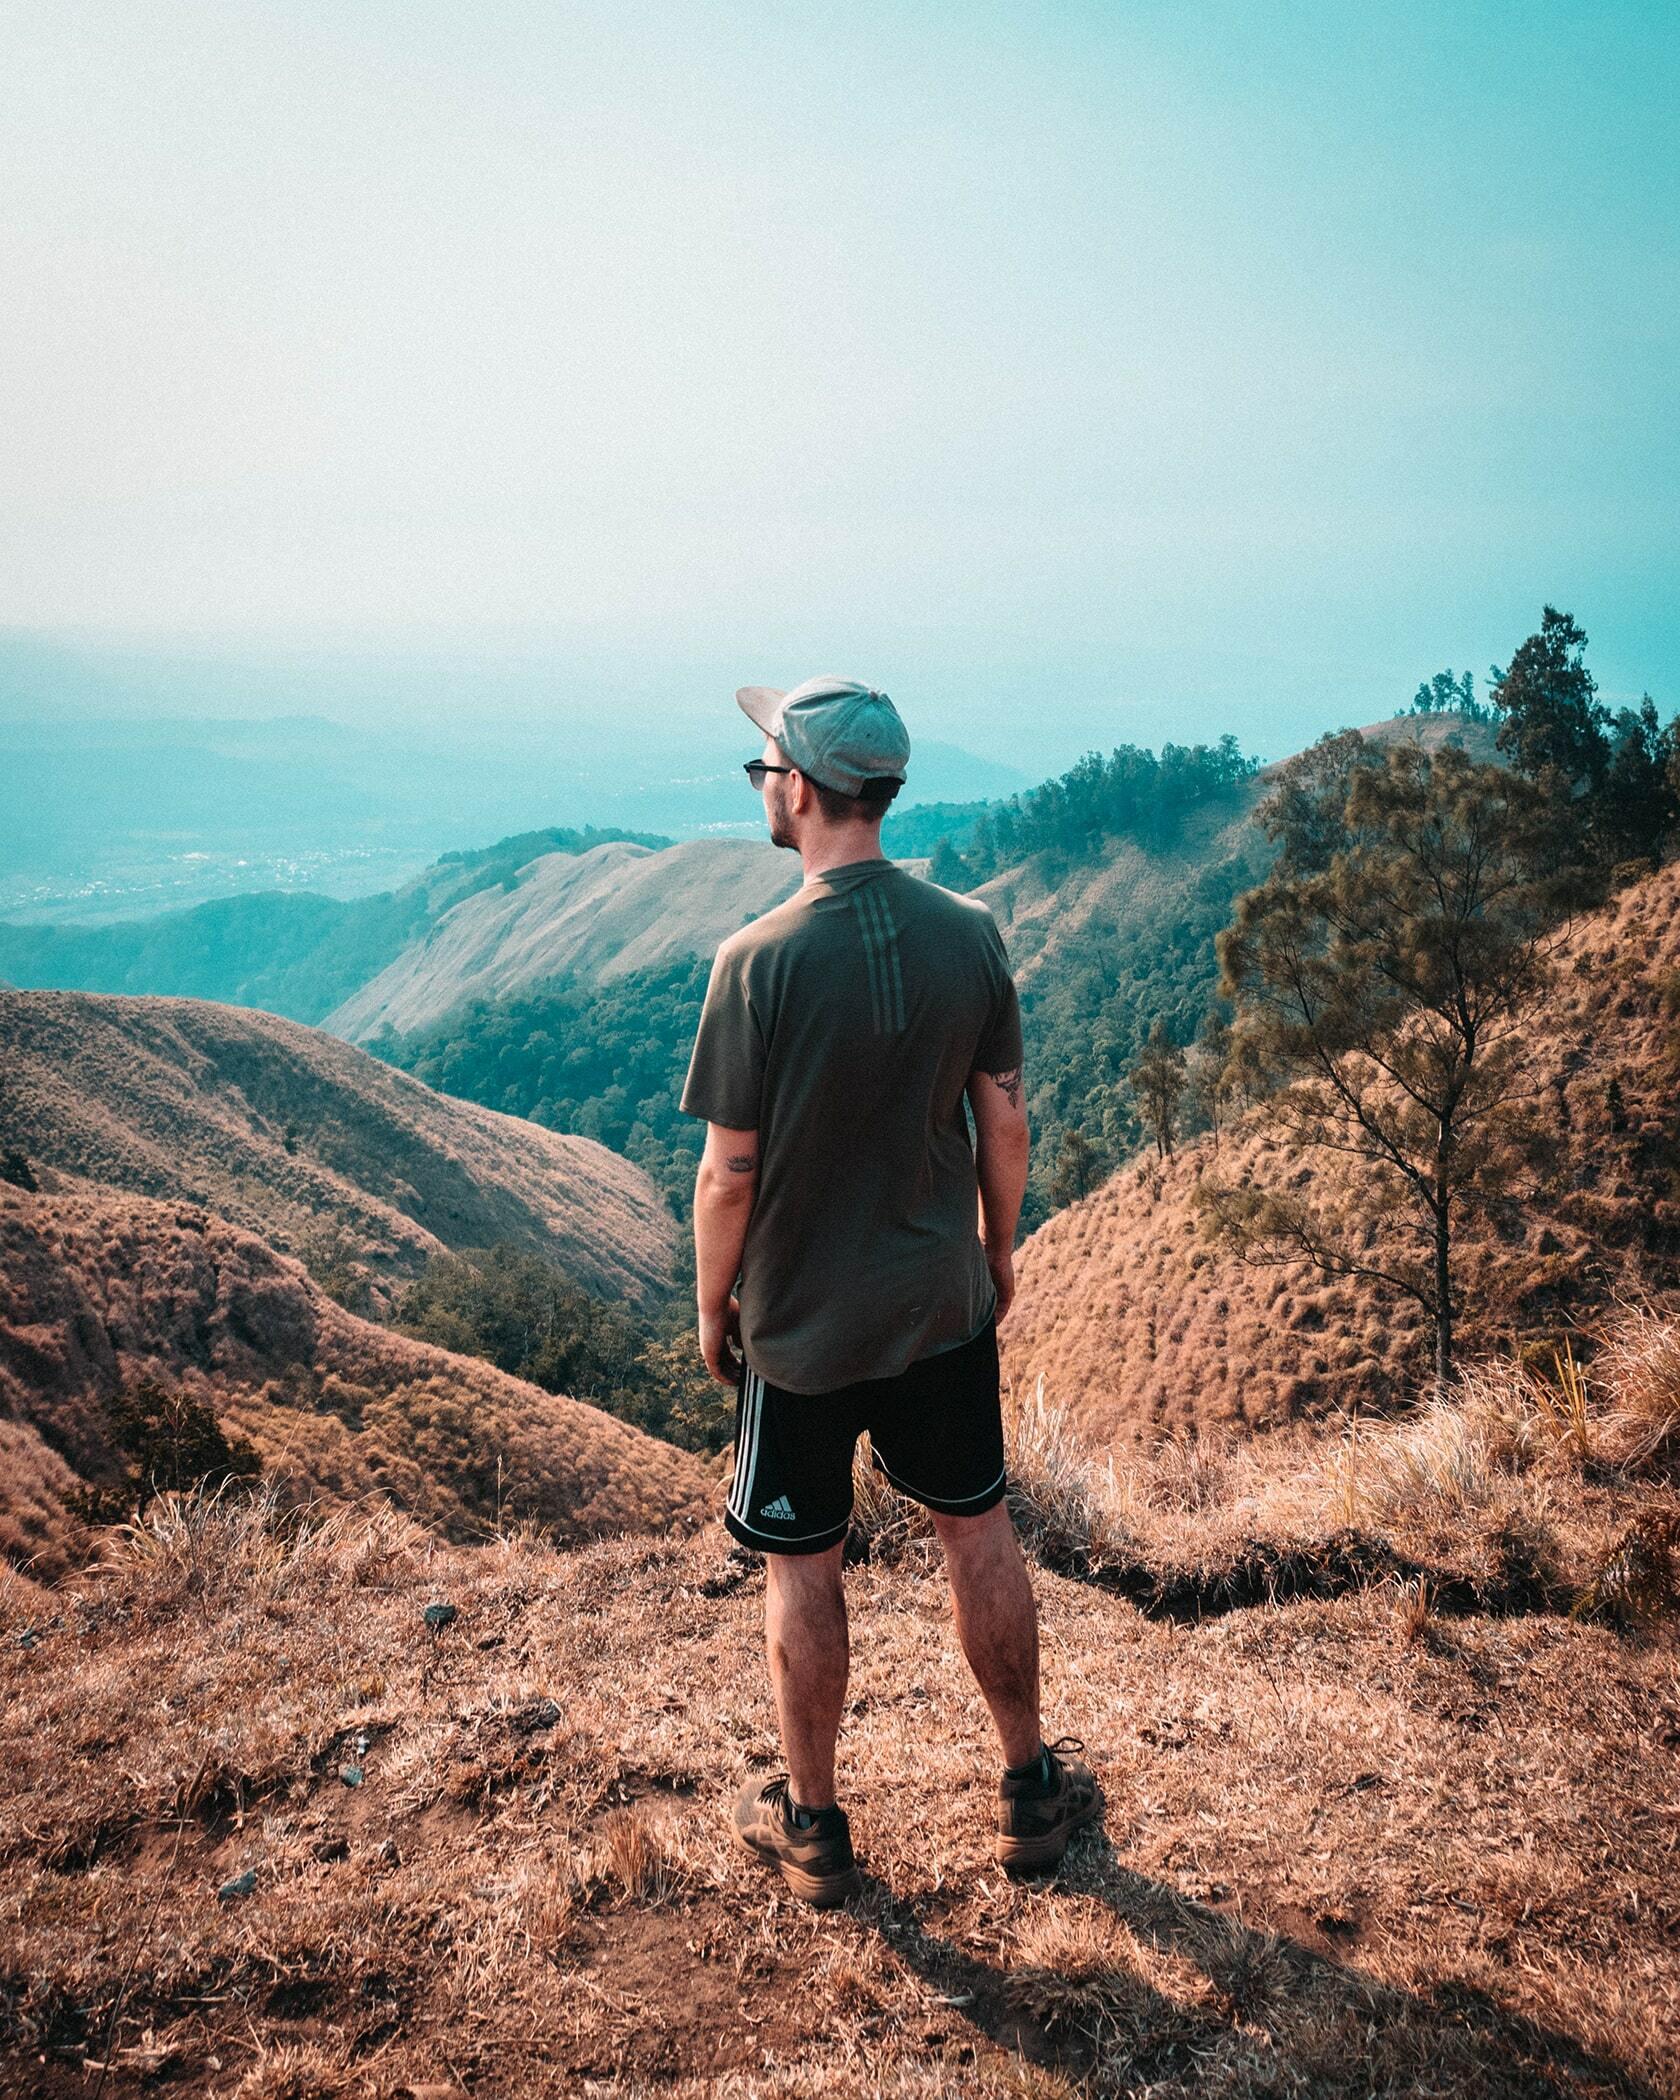 Foto van persoon bovenop een berg met prachtig uitzicht uit fotografie collectie mensen van Simon Wijers